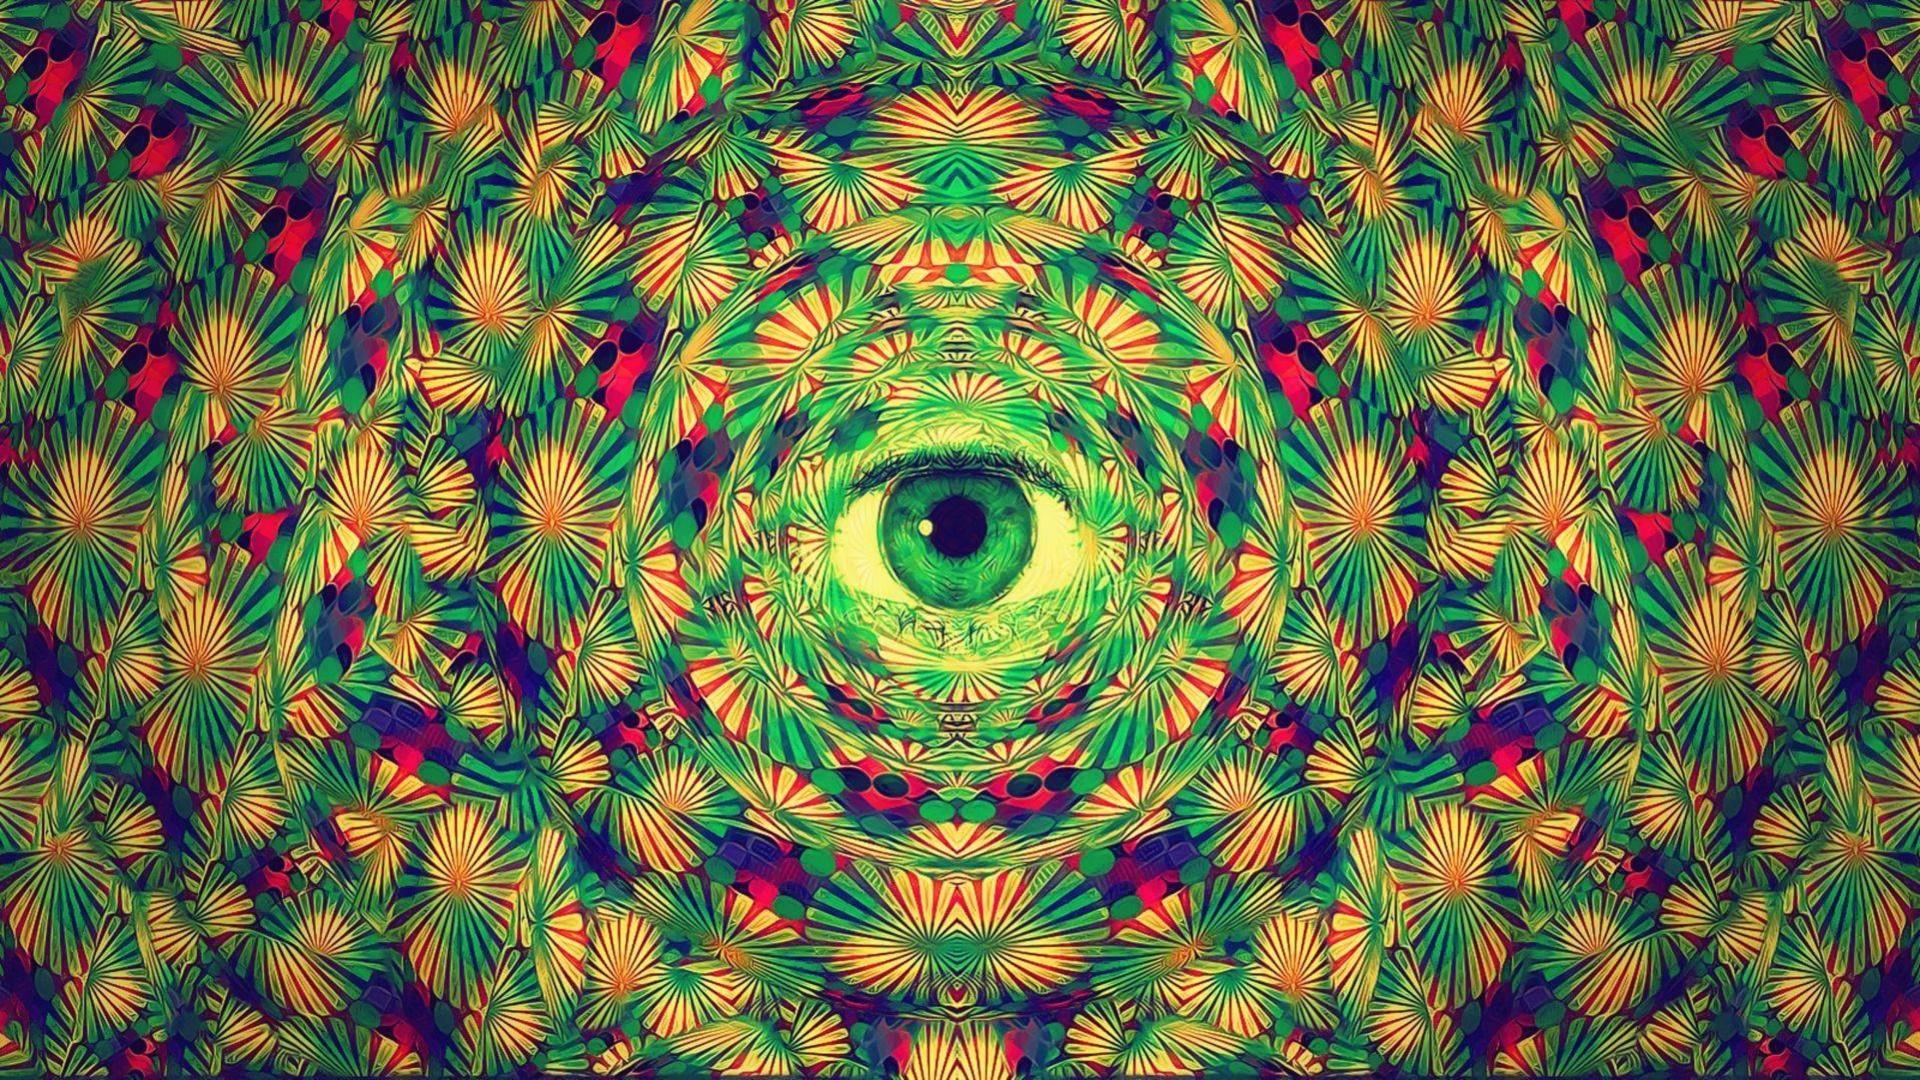 Full Screen Fall Wallpaper Tie Dye Wallpapers Hd Pixelstalk Net